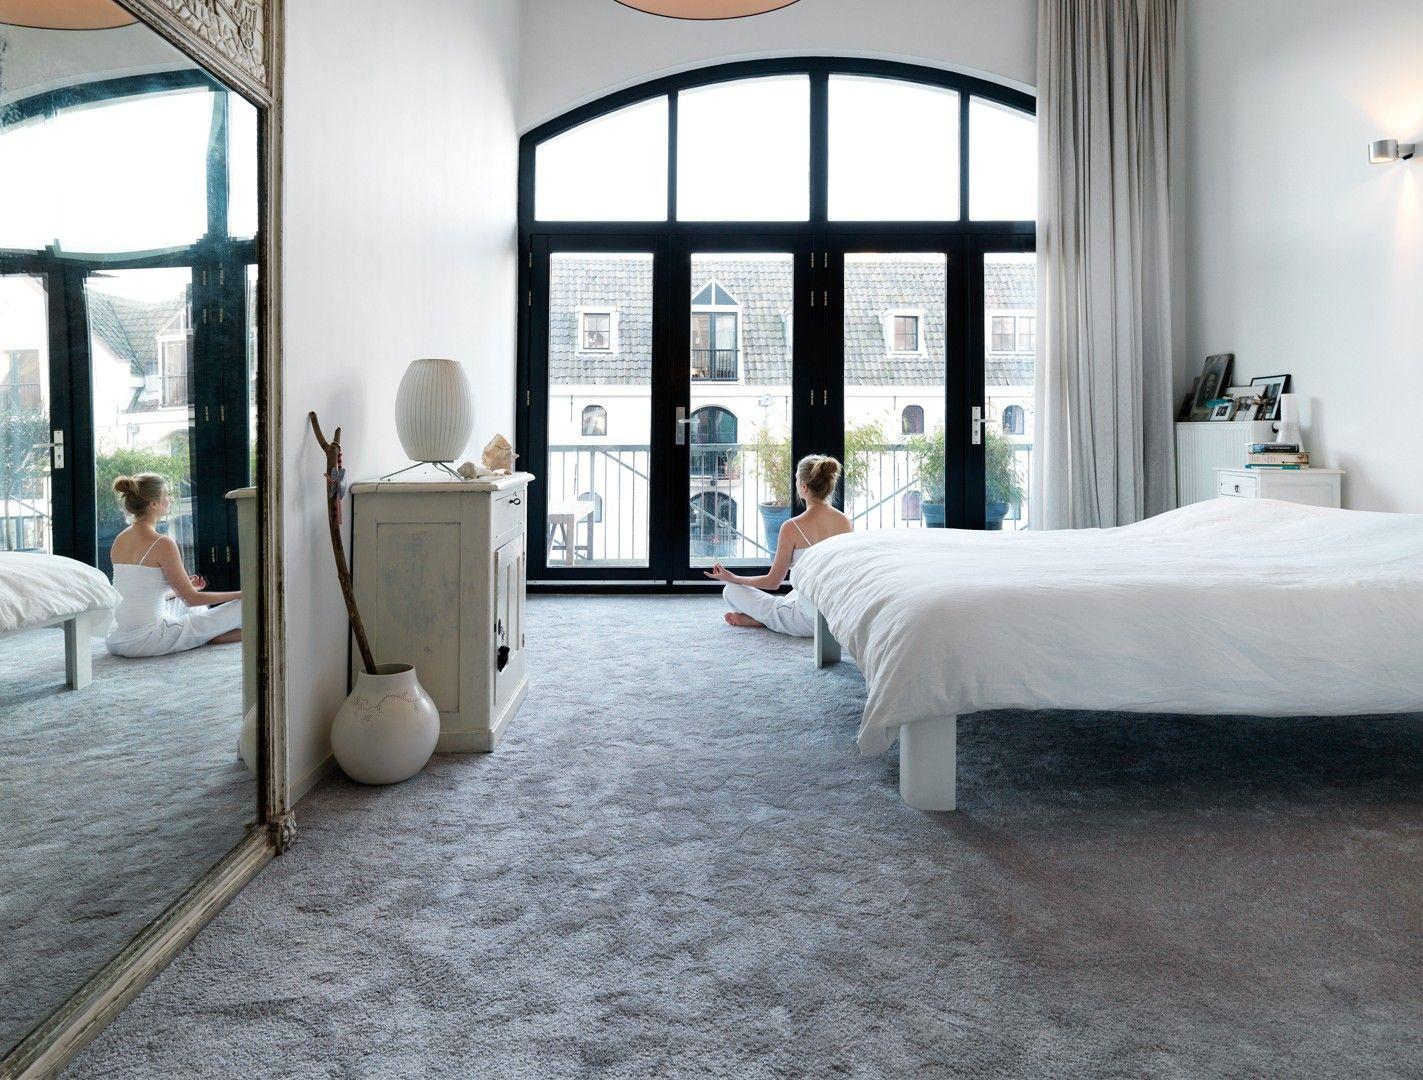 Vloerbedekking slaapkamer tapijt tg wonen pinterest slaapkamer tapijt kleuren en doors - Grijze slaapkamer ...